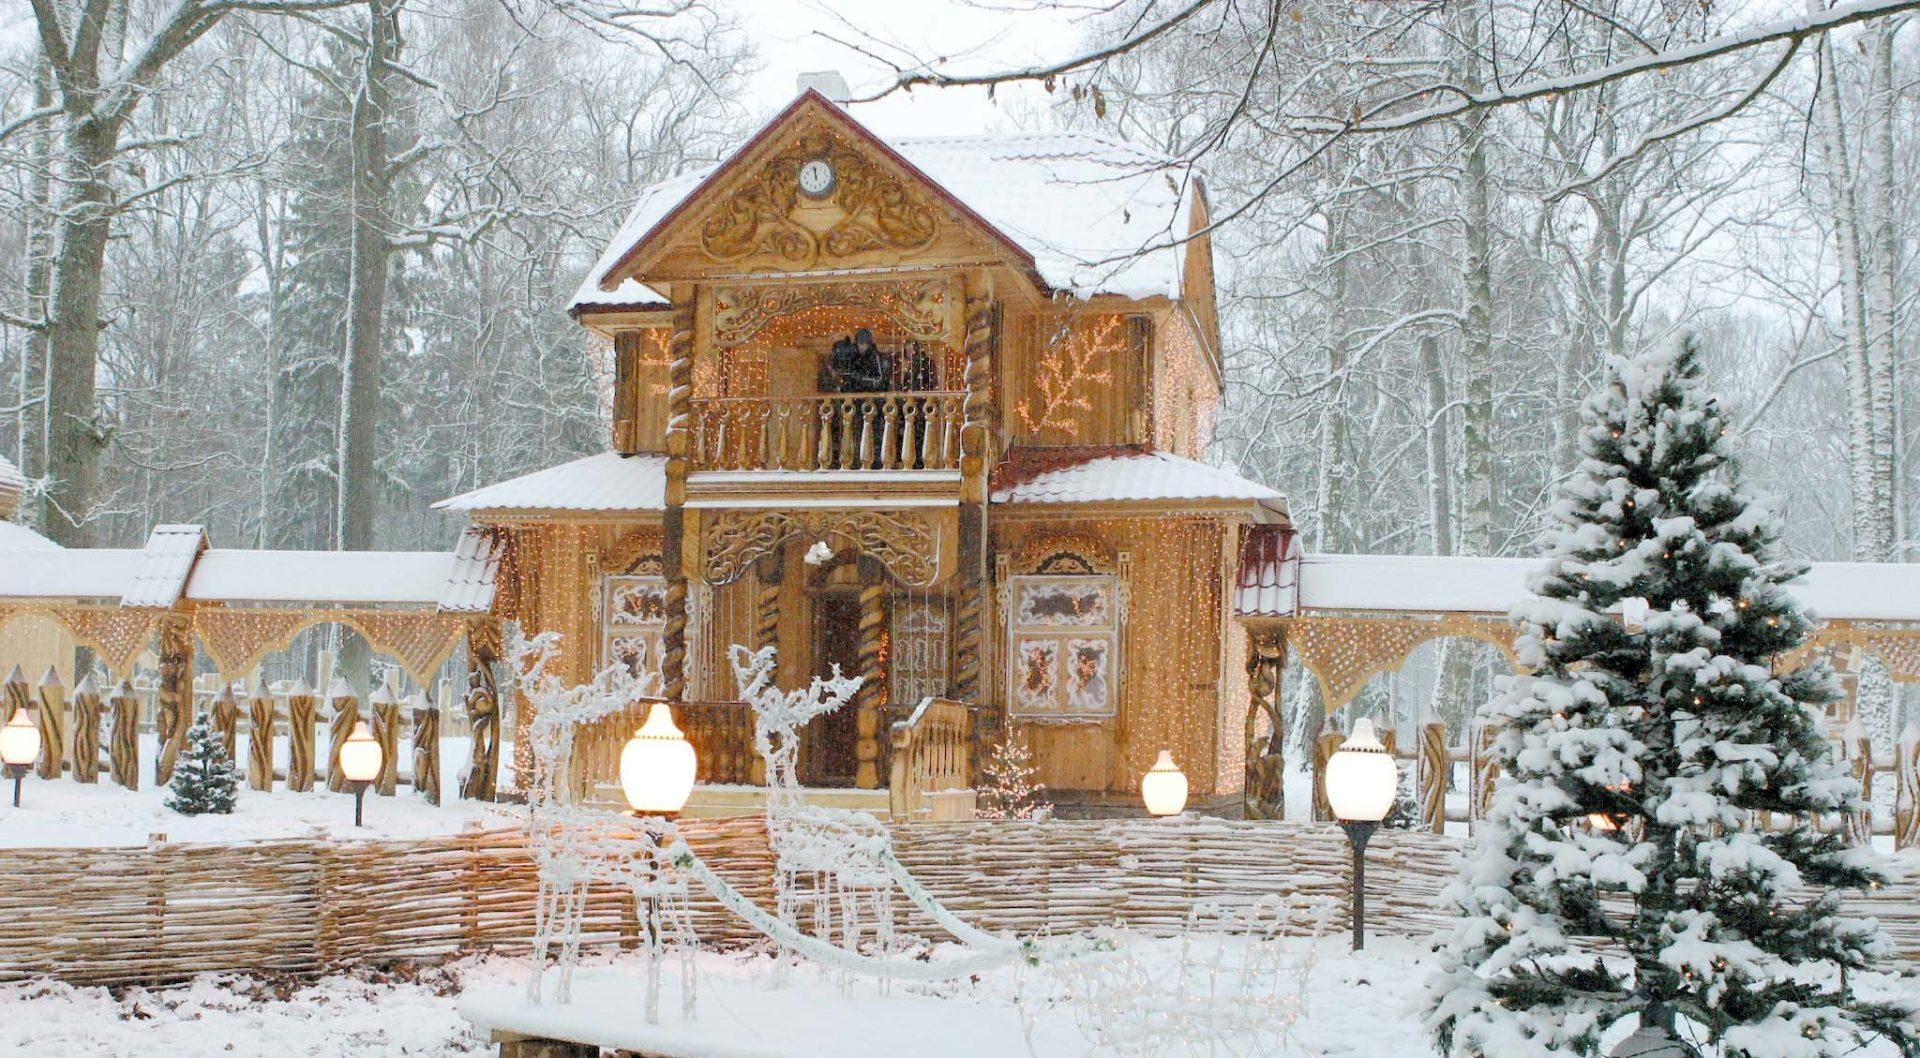 Рождество 2019 в поместье Деда Мороза, 4 дня